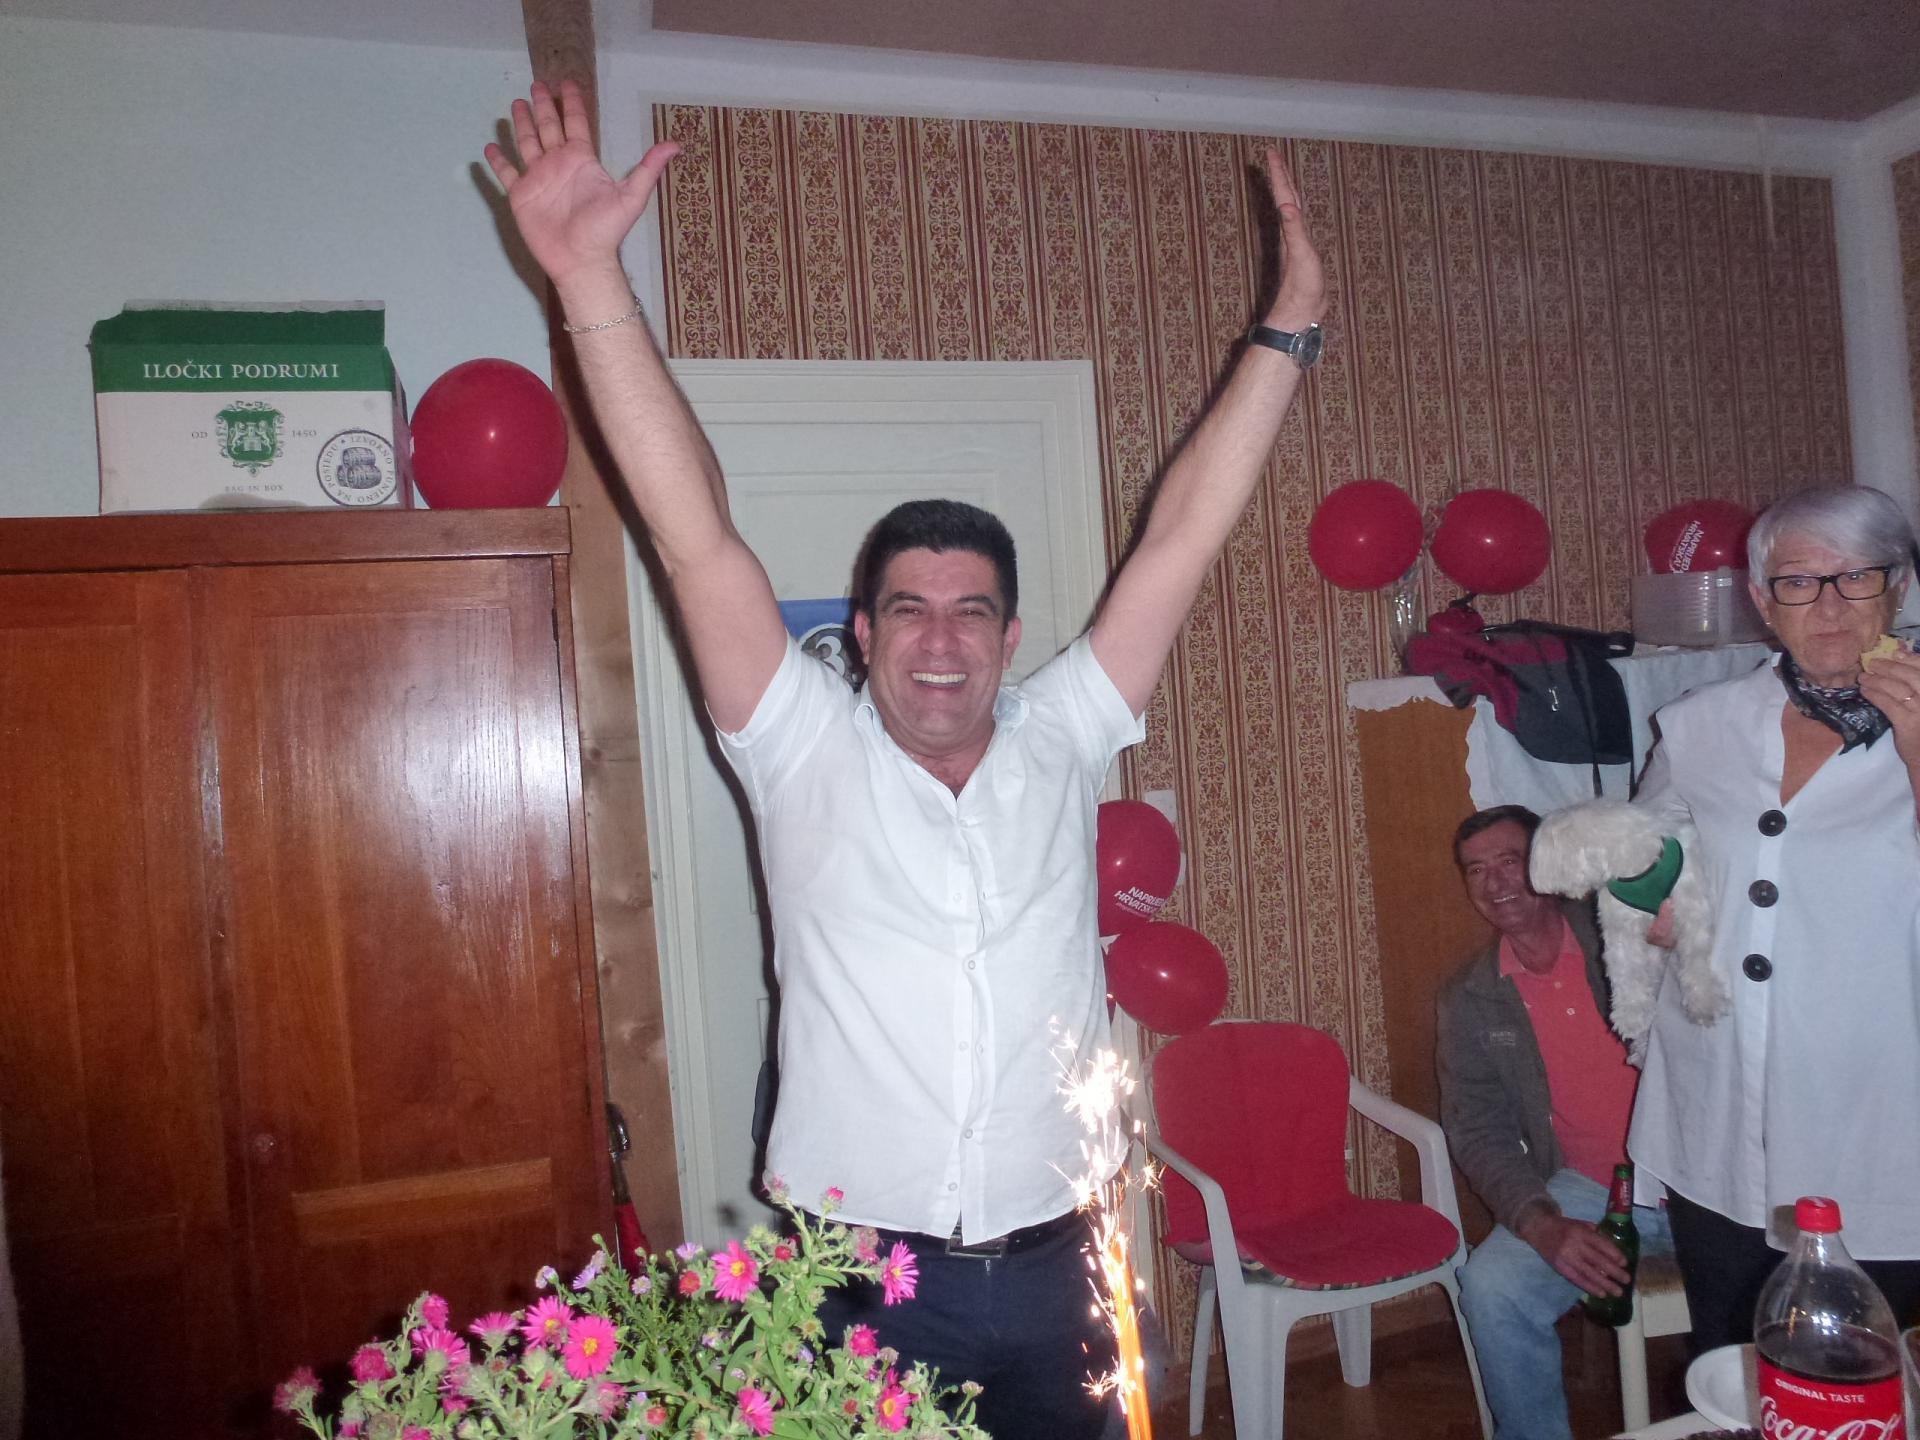 Frane Lozić slavi: Ja pred svoj narod mogu izići čista obraza